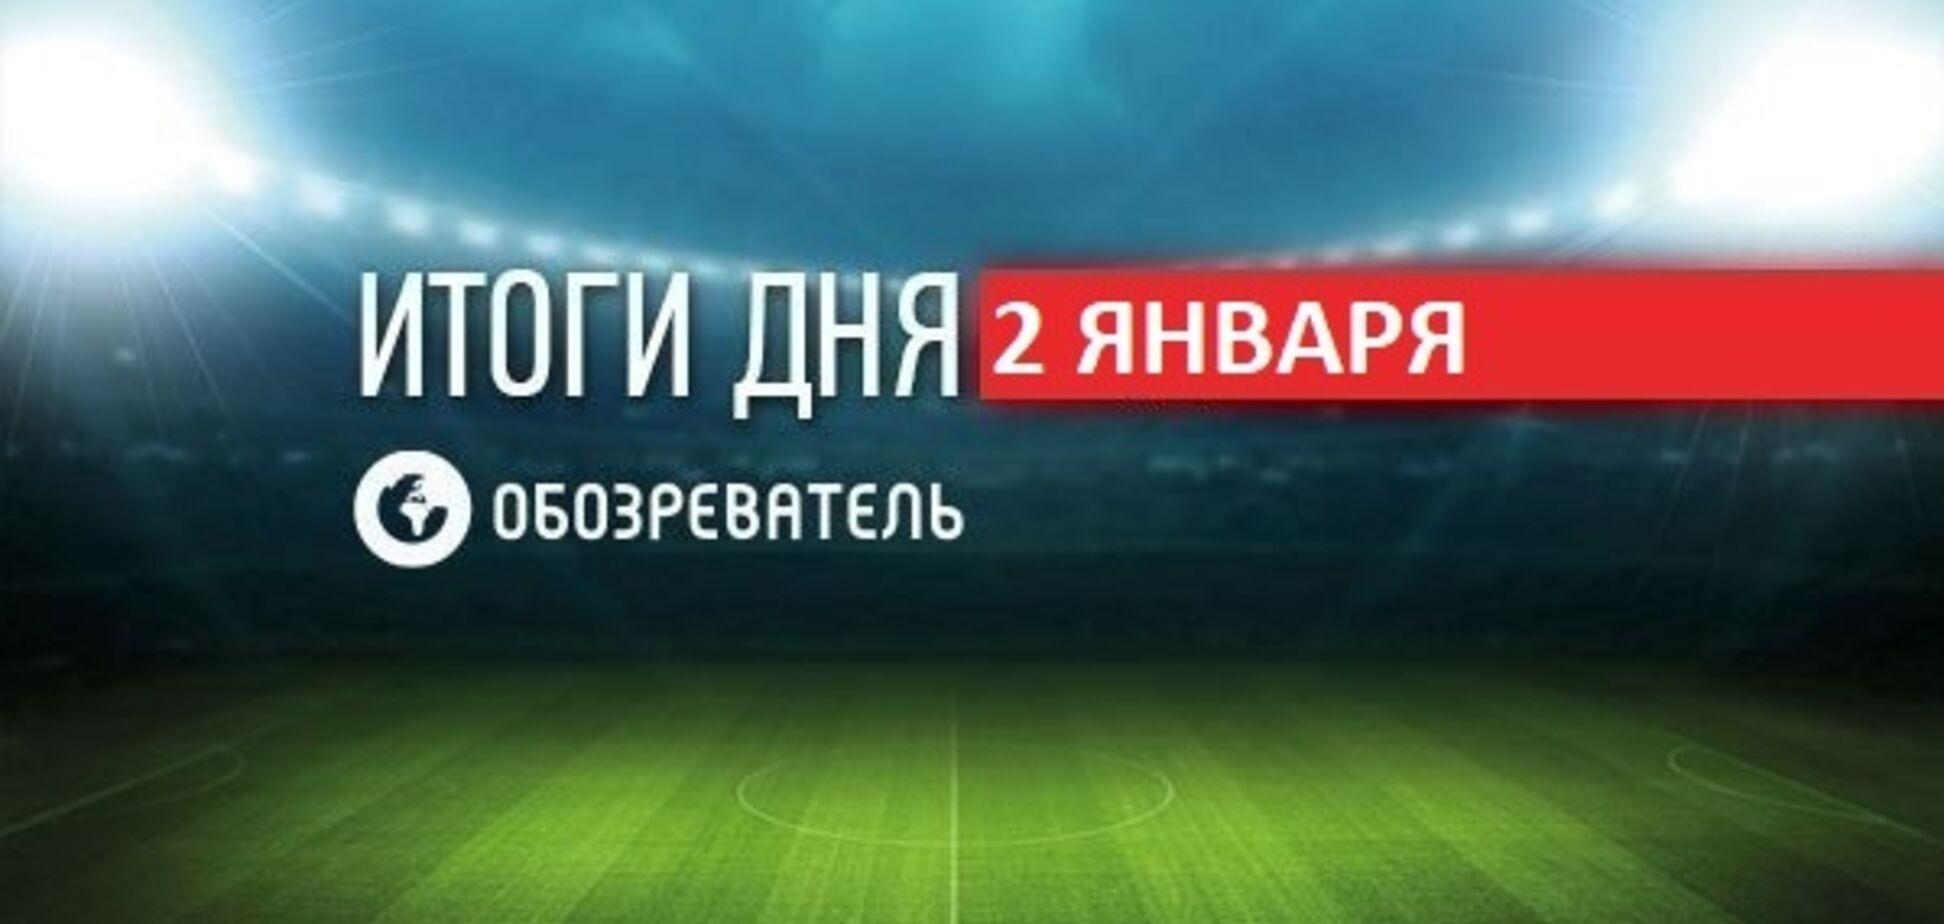 Кривдника Гвоздика з Росії можуть позбавити чемпіонського пояса: спортивні підсумки 2 січня